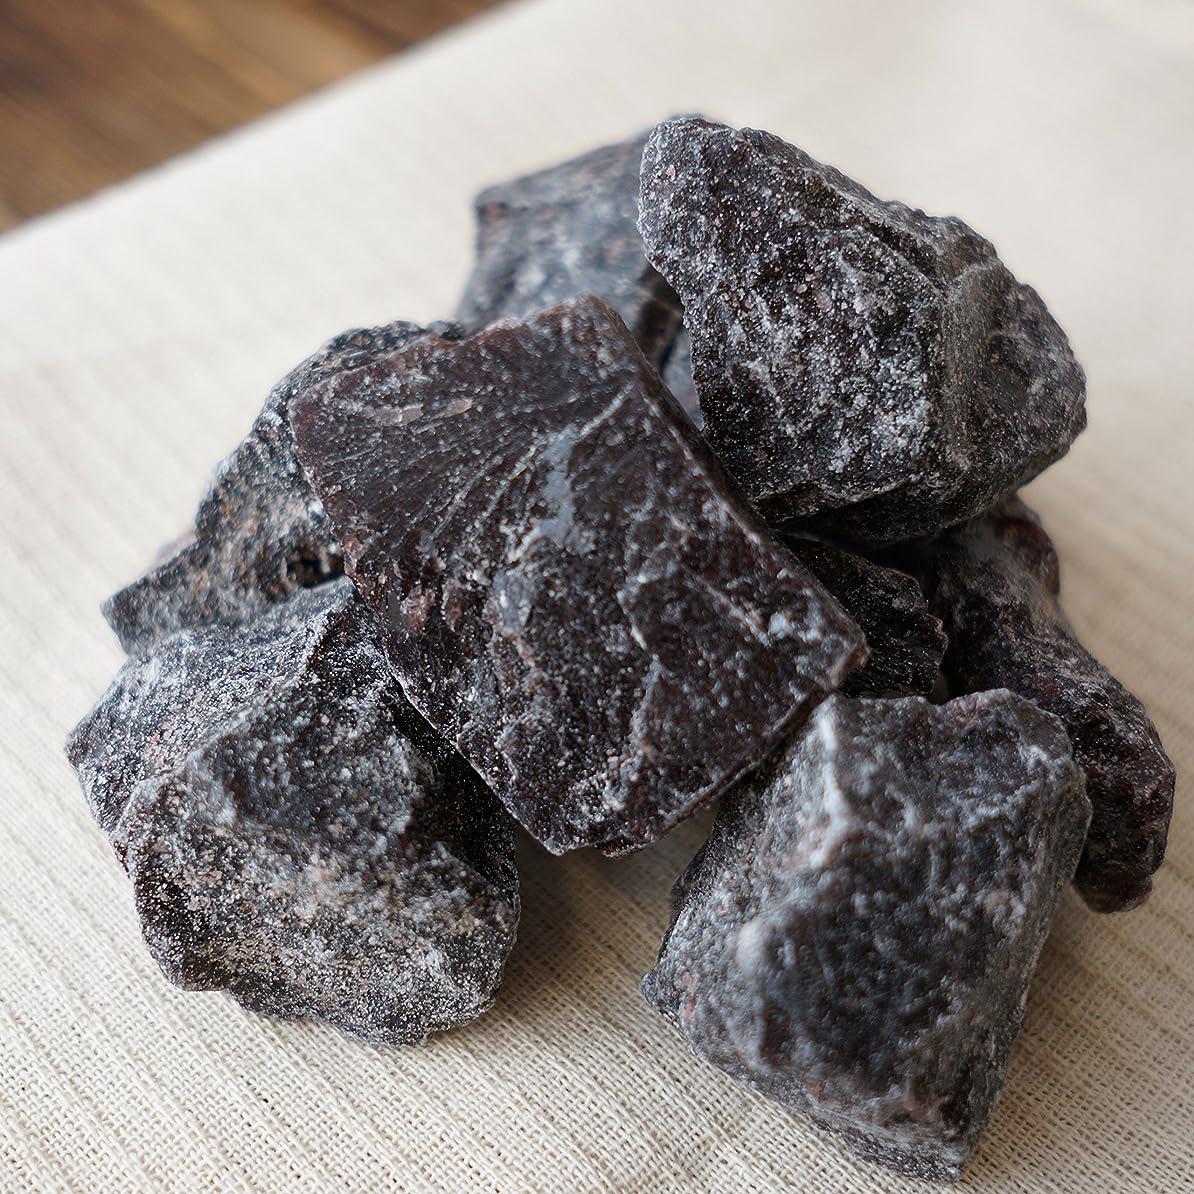 ランク上昇保全希少 インド岩塩 ルビー ブロック 約2-5cm 20kg 20,000g 原料